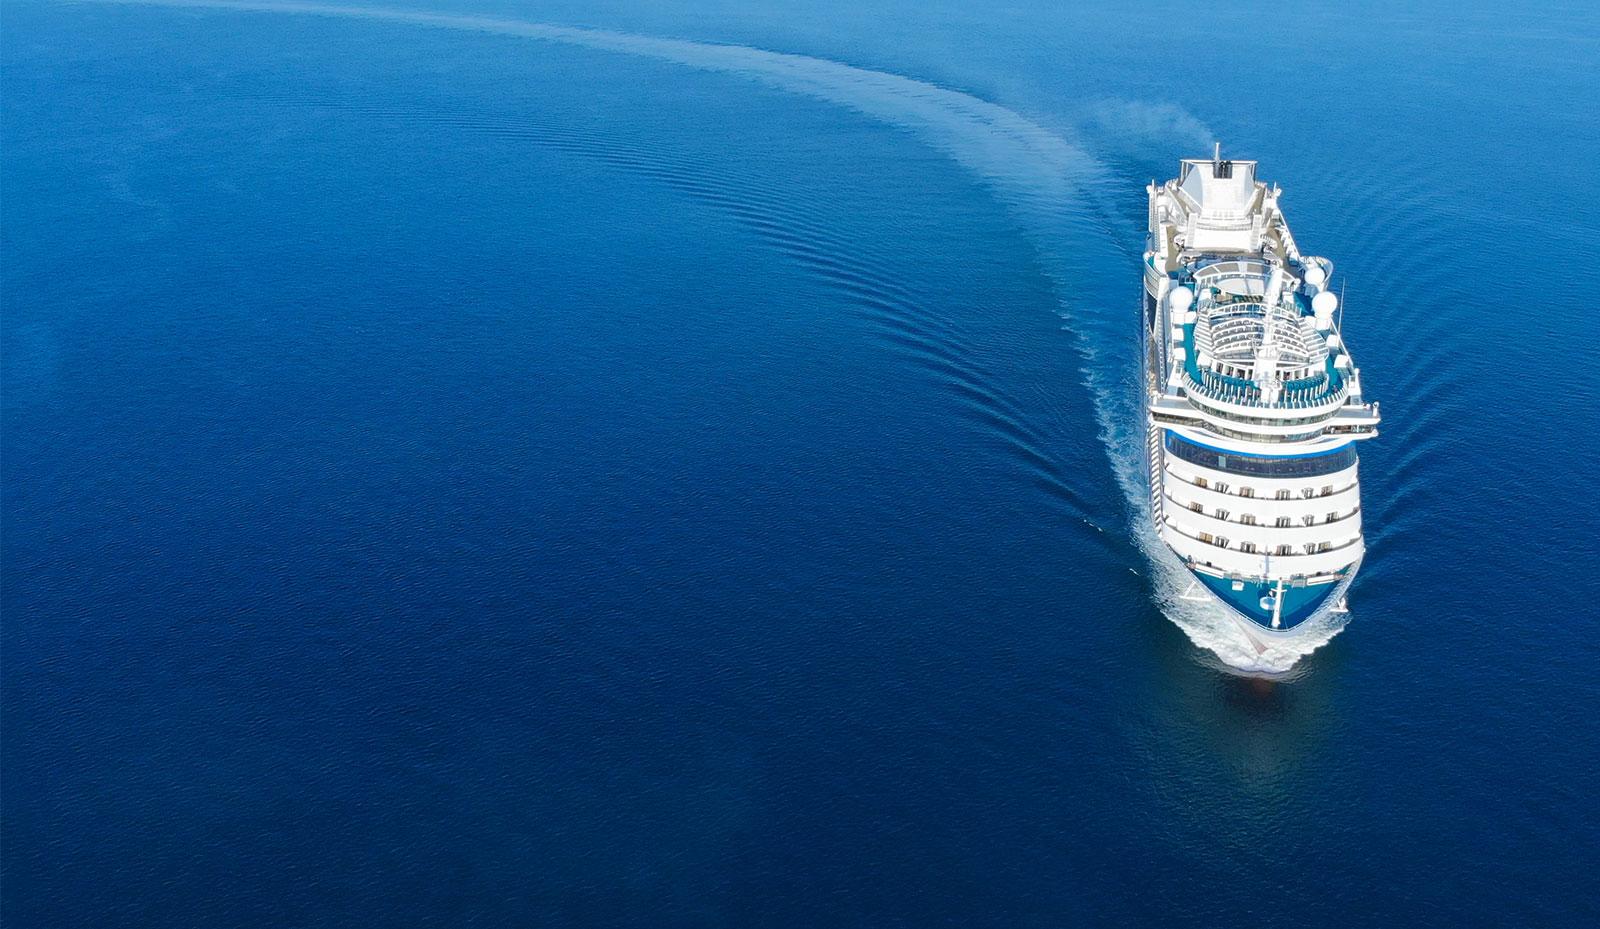 luxuskreuzfahrten von vista travel: luxuskreuzfahrtschiffe luxuskreuzfahrten online luxusreisen auf luxusschiff